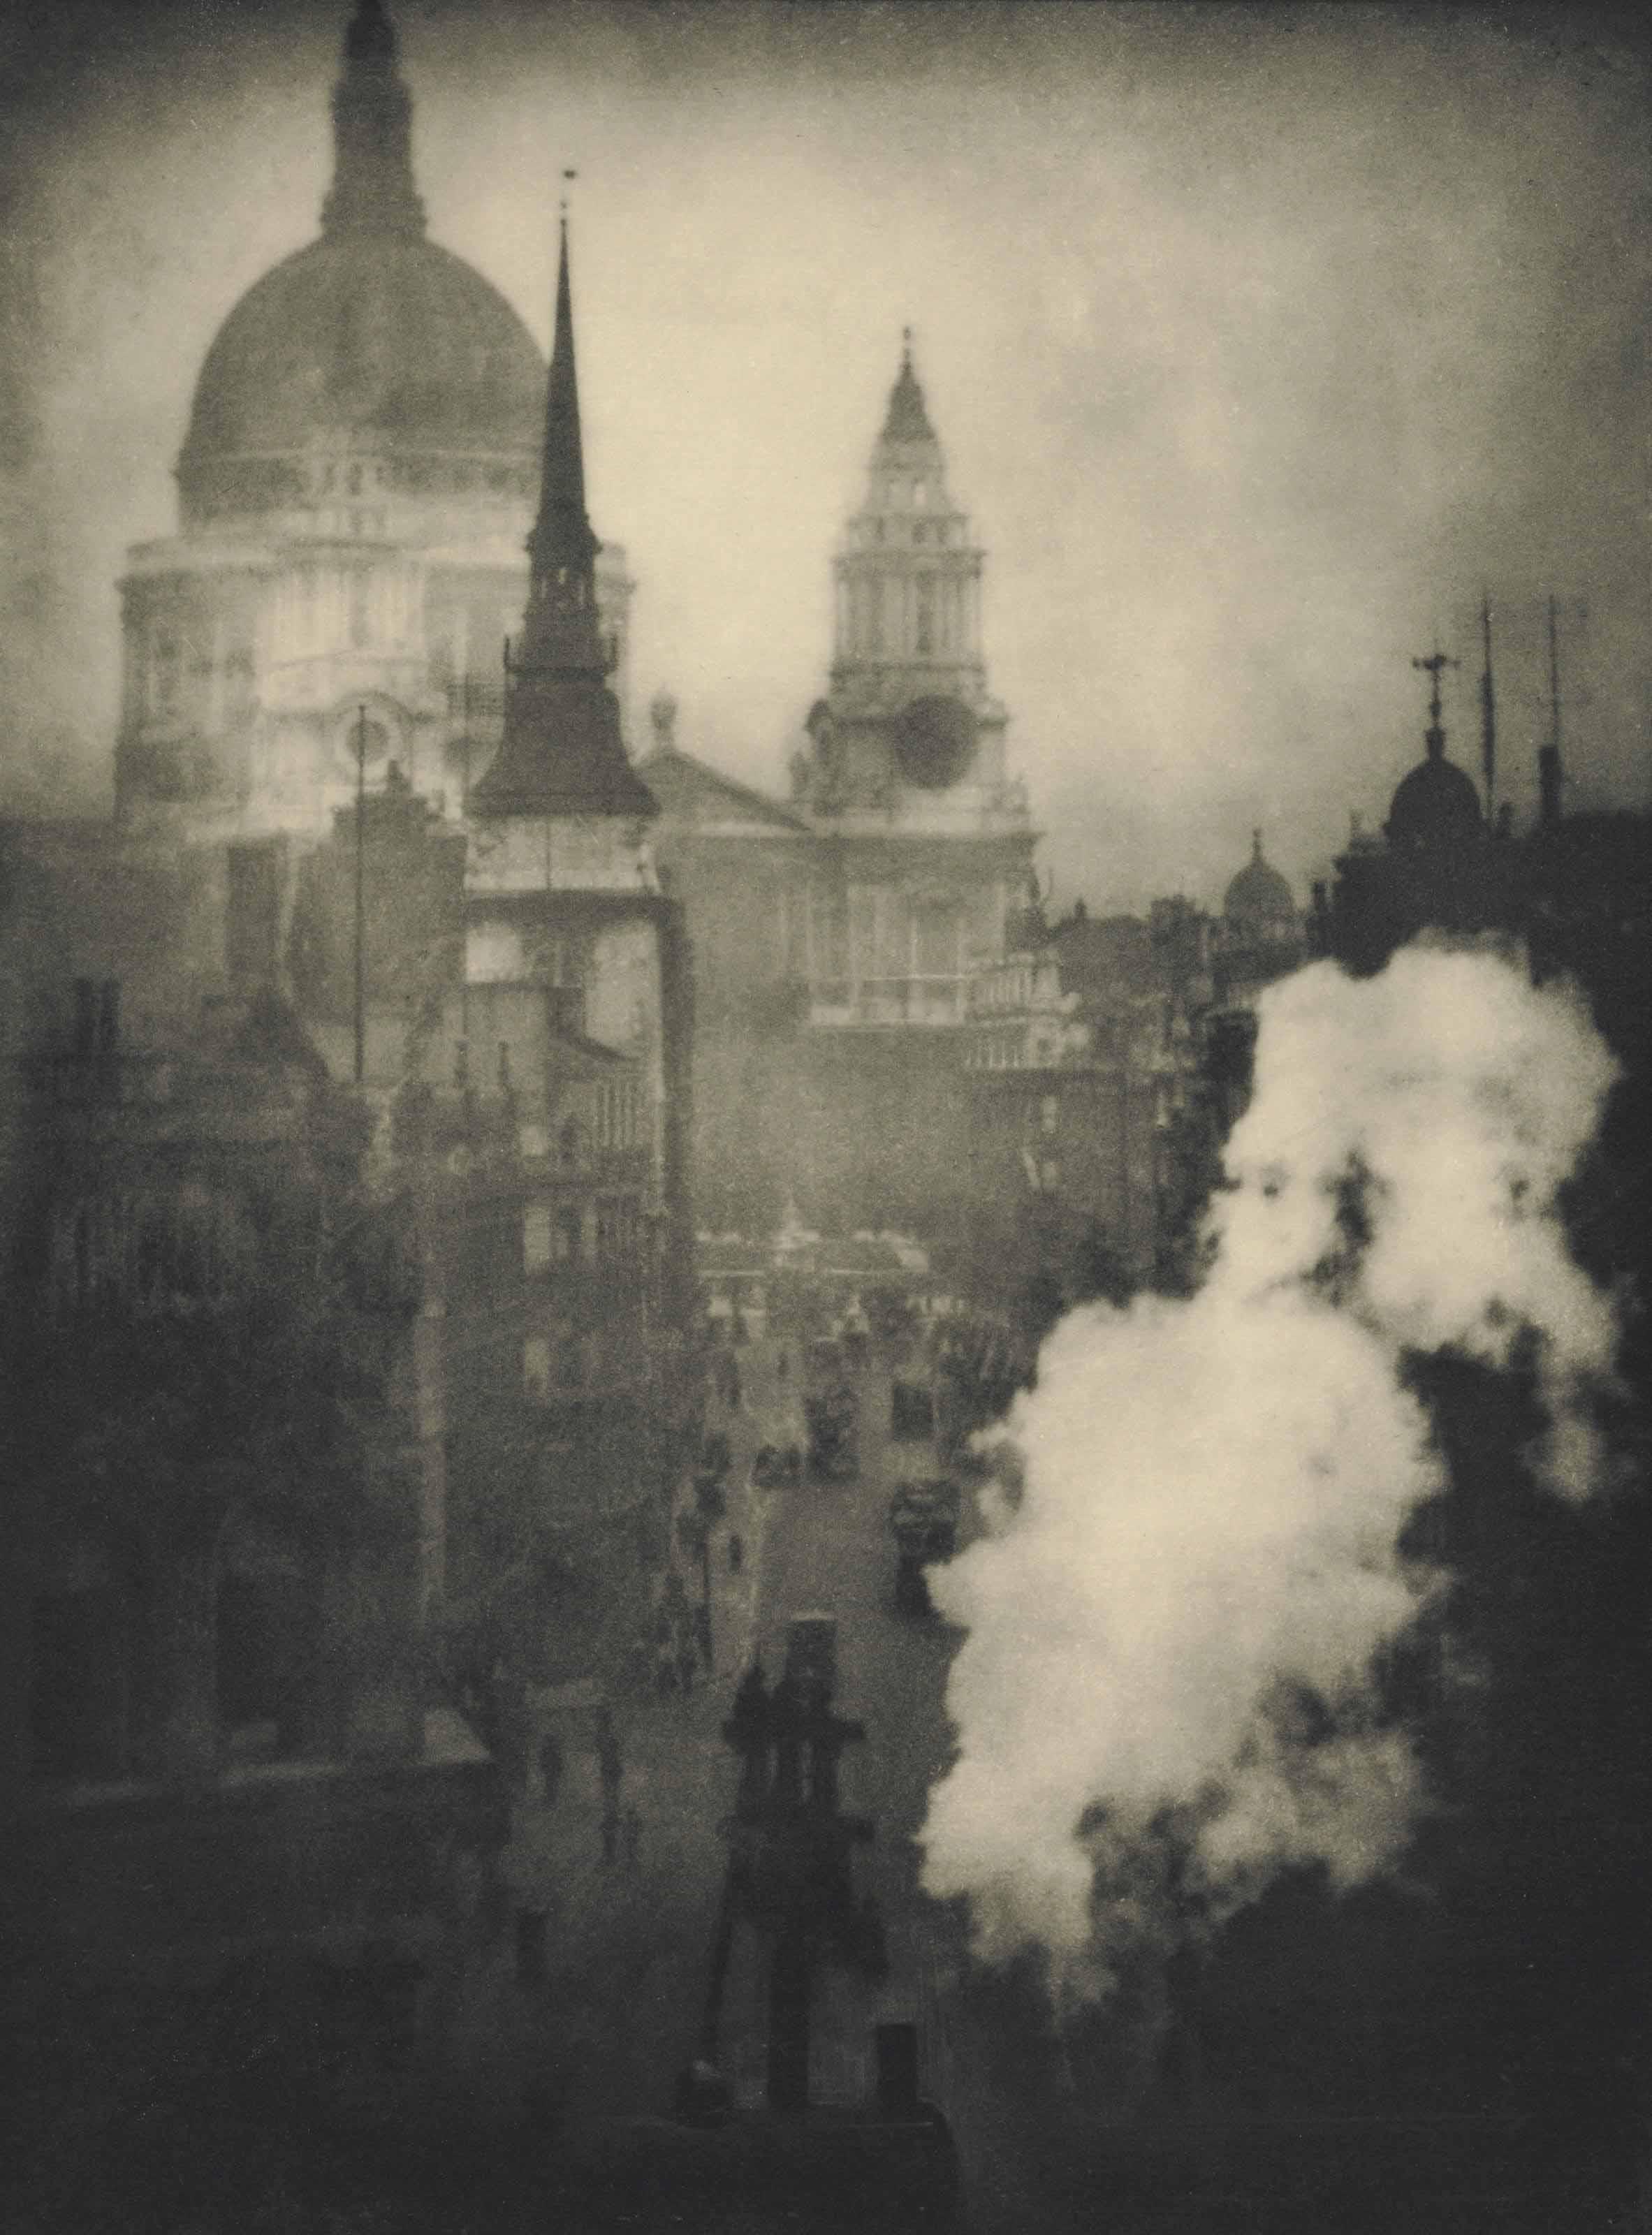 2017 NYR 15396 0024 000(alvin langdon coburn st pauls cathedral from ludgate circus london 190) - Alvin Langdon Coburn